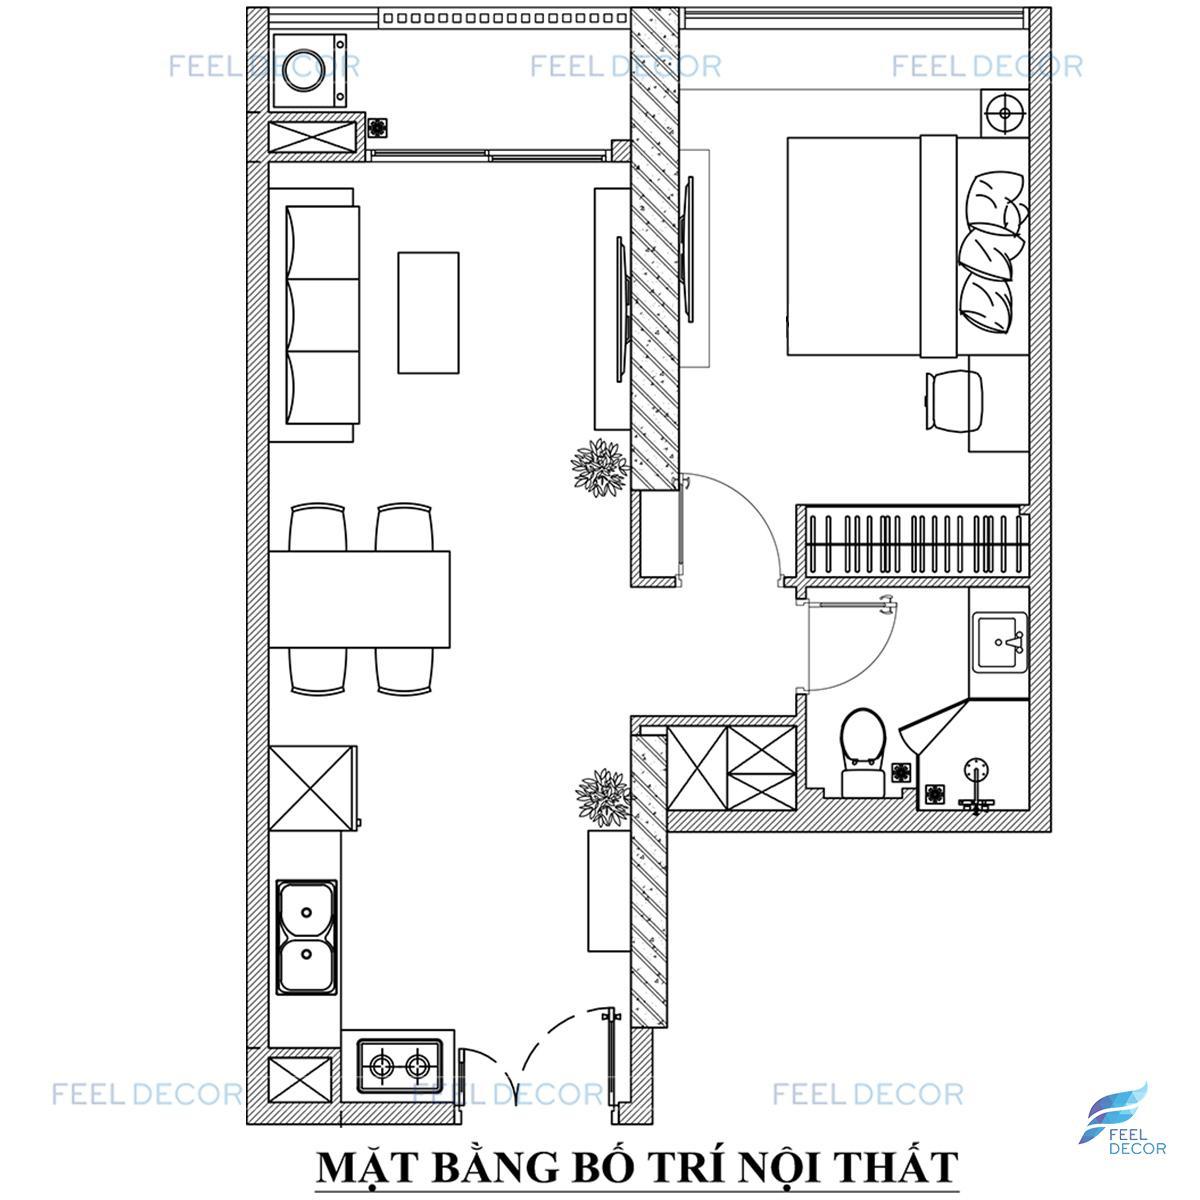 Mặt bằng thiết kế nội thất căn hộ 51m2